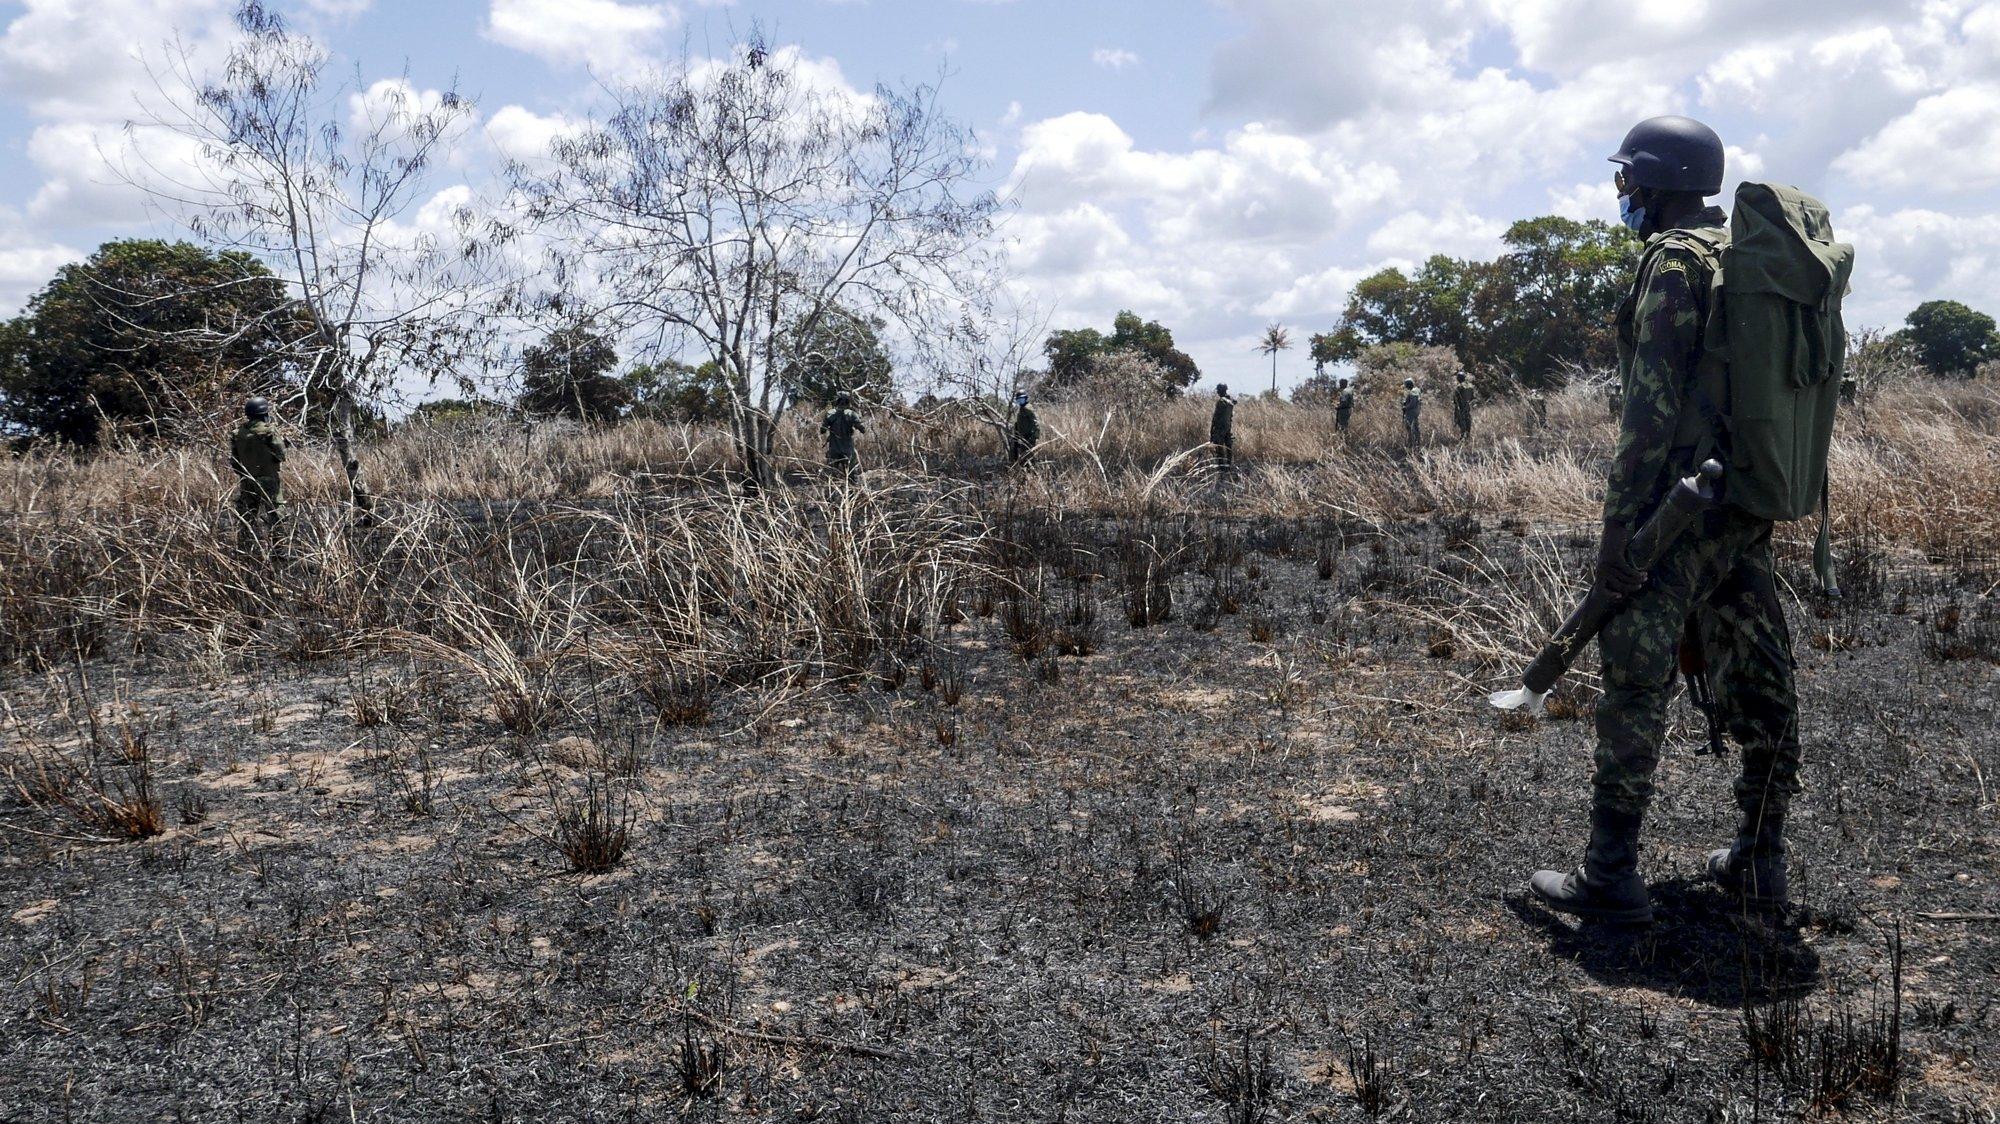 Militares de Moçambique e Ruanda patrulham a vila de Mocímboa da Praia e infraestruturas em redor, tais como estações de água e linhas elétricas, cujas reparações arrancaram esta semana após grave destruição. Grupos rebeldes ocuparam a vila durante um ano, até ao início de agosto, Mocimboa da Praia, Cabo Delgado, Moçambique, 9 de setembro de 2021. Uma comitiva da empresa Eletricidade de Moçambique e do Governo moçambicano liderada pelo ministro dos Recursos Minerais e Energia, Max Tonela, visitou hoje zonas libertadas do conflito armado em Cabo Delgado para avaliar danos e estudar reparações. Foi a primeira visita governamental a passar por Mocímboa da Praia desde a reconquista. Grupos rebeldes ocuparam a vila durante um ano, até ao início de agosto, e deixaram-na deserta e gravemente danificada. LUIS MIGUEL FONSECA/LUSA